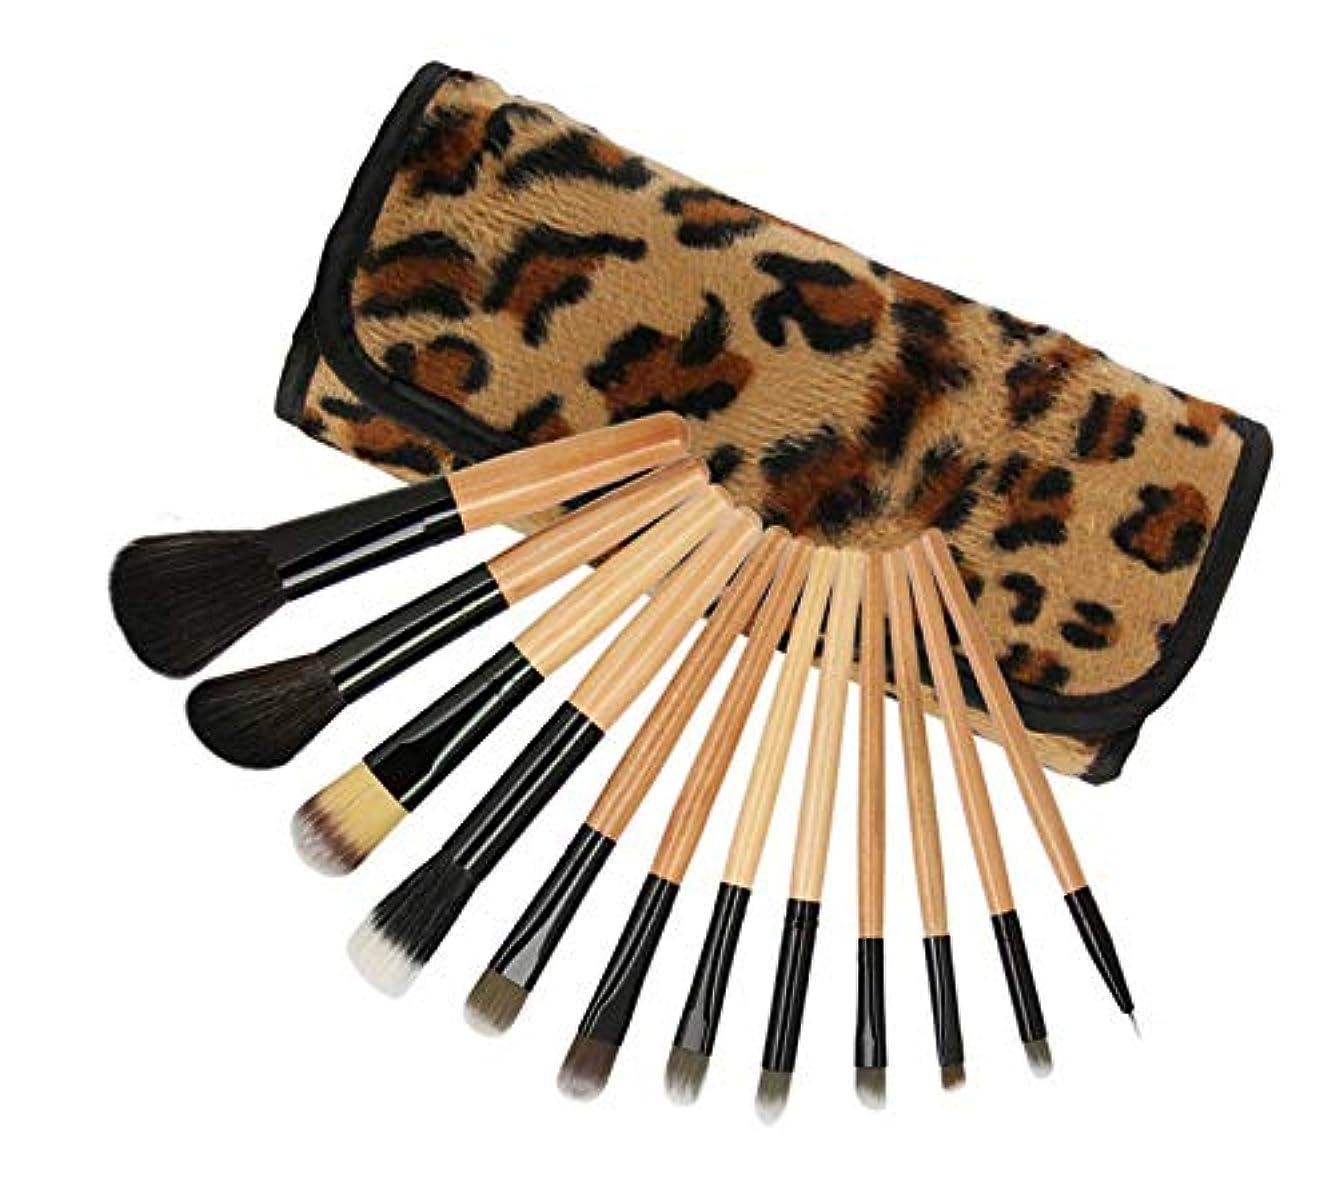 液体トライアスリートいっぱいShiMin 化粧筆セット、化粧品袋入りの12ヒョウ化粧筆セット、初心者やメーキャップアーティストのための美容ツールの実用的なフルセット